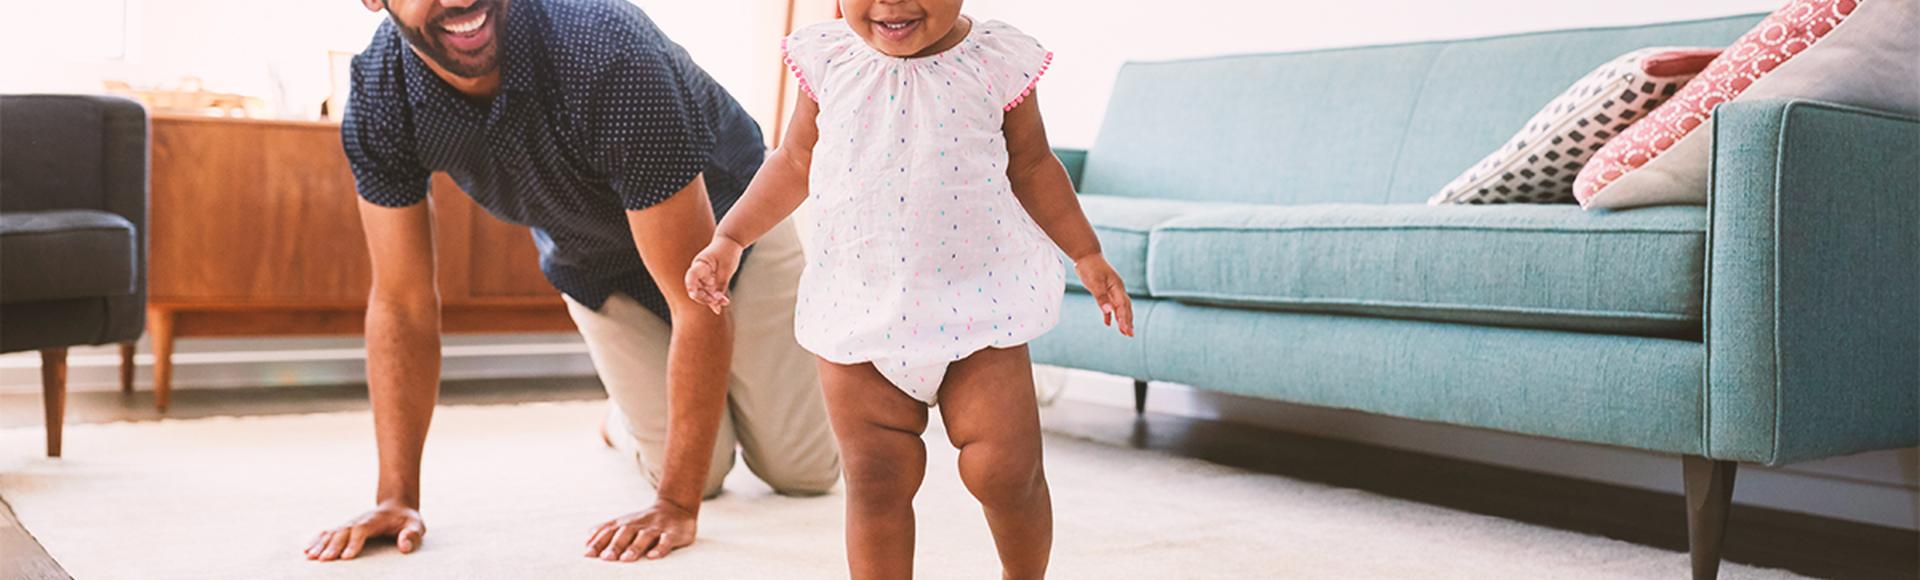 Saiba como deixar a casa segura para os bebês